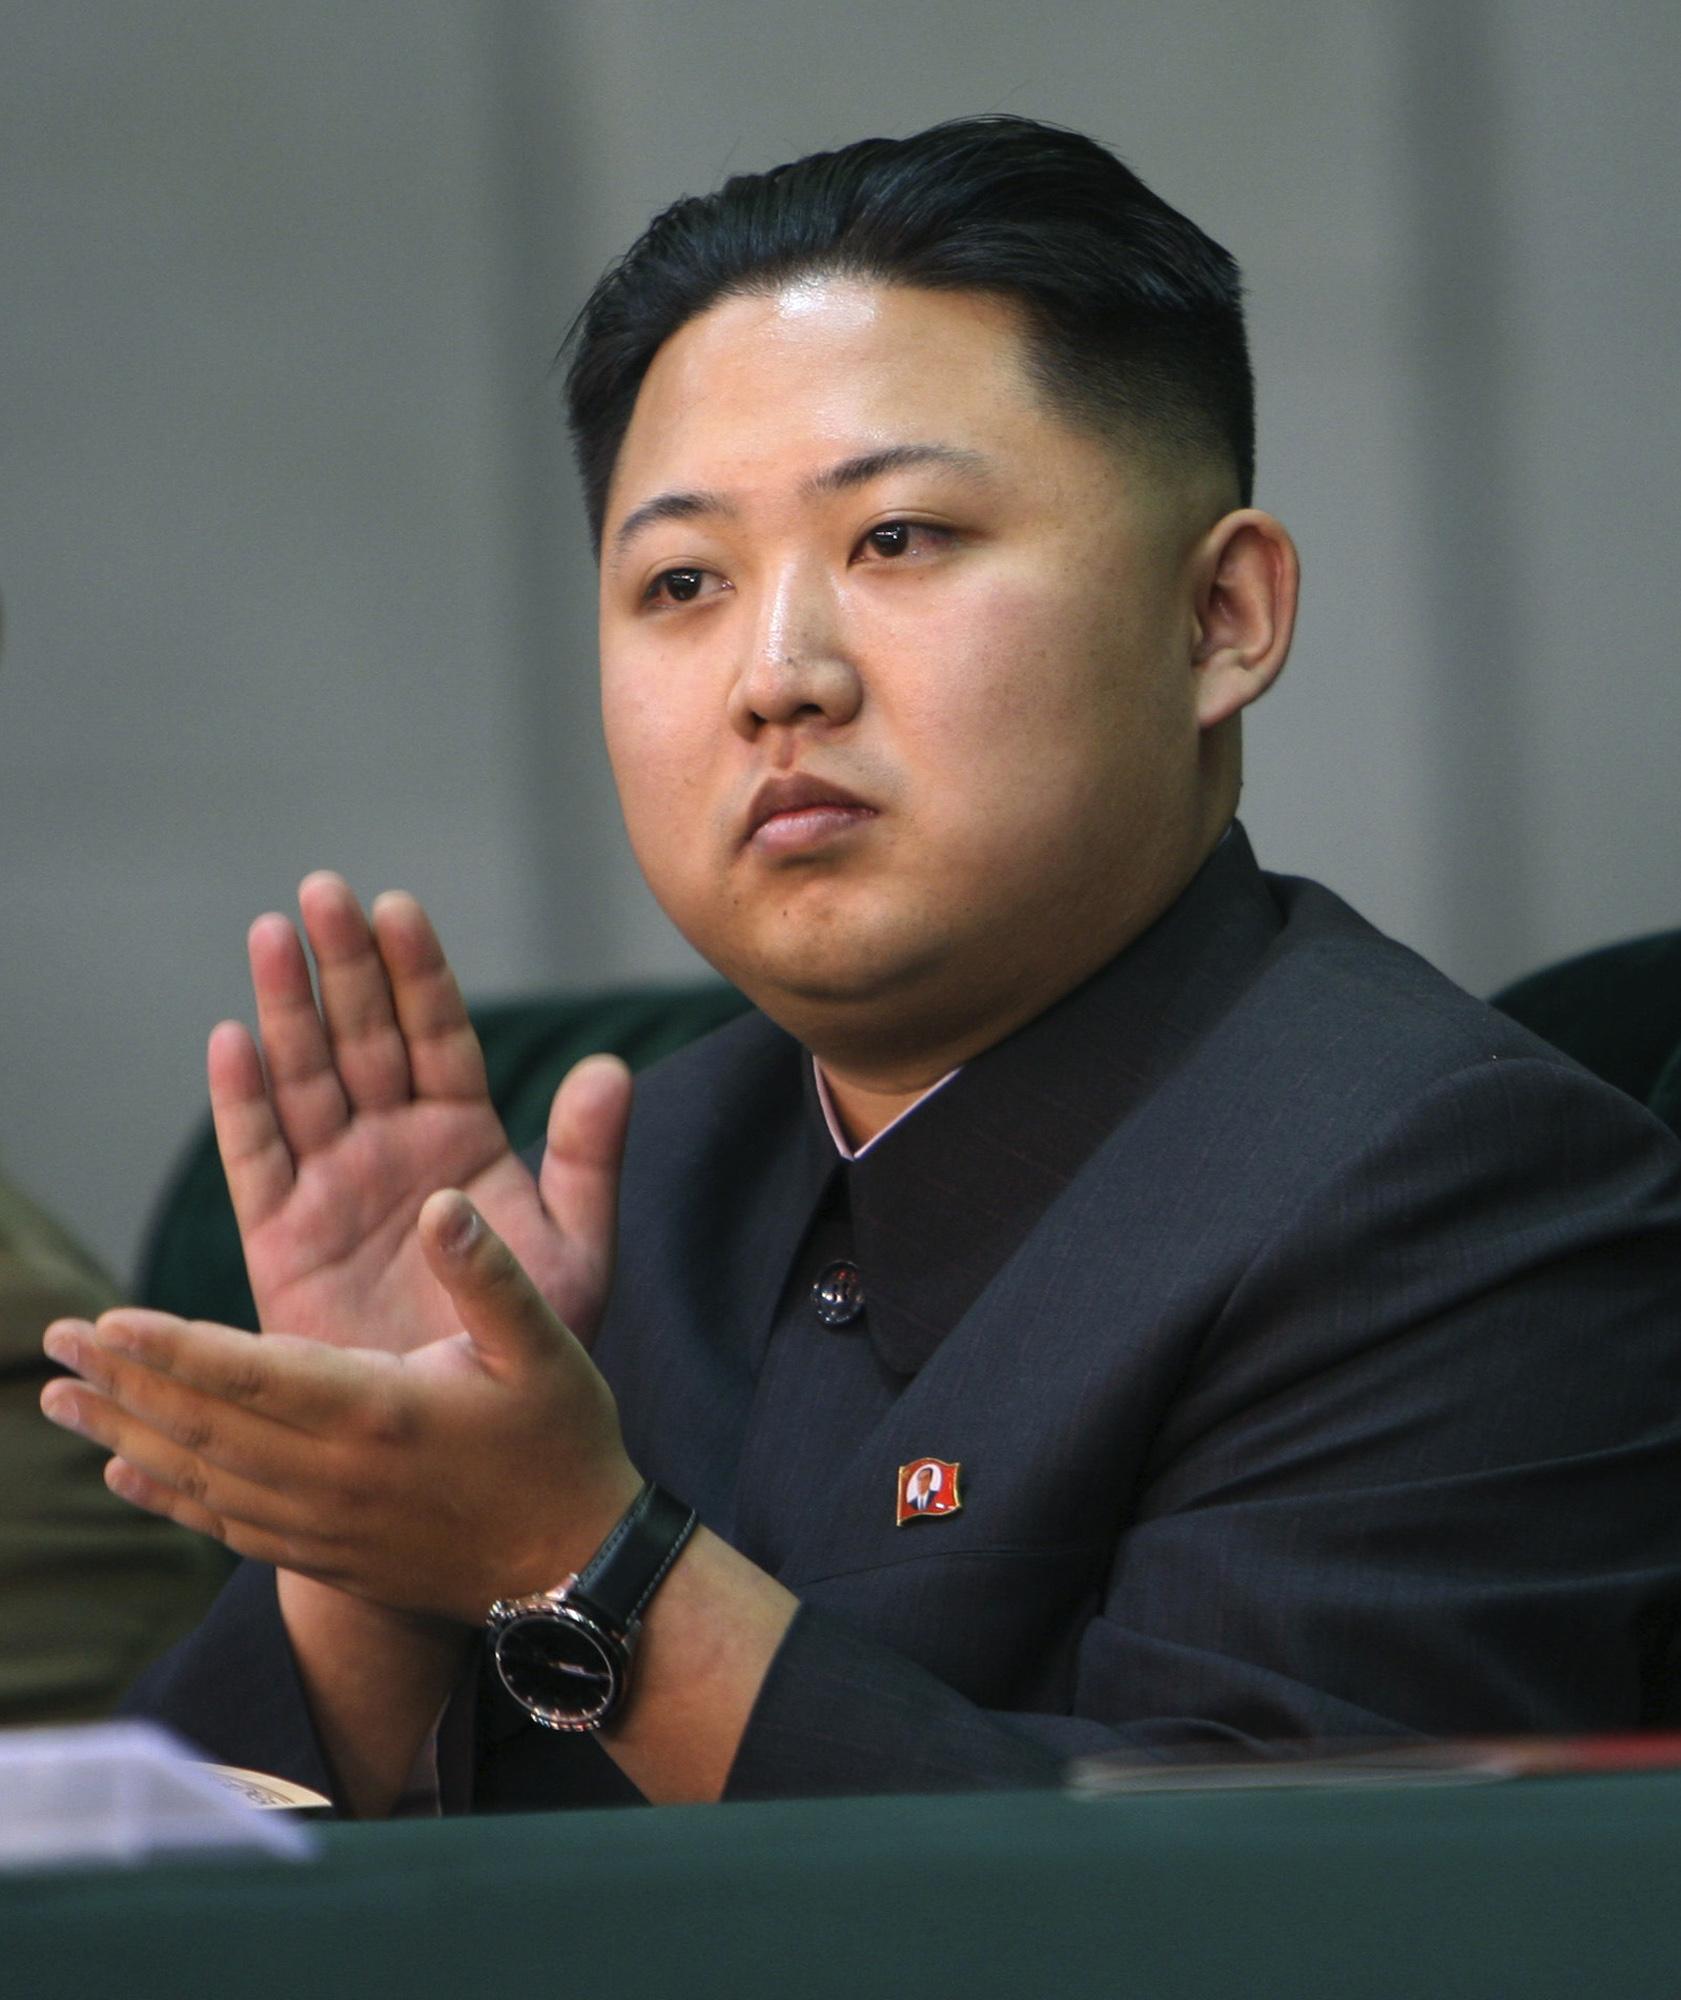 north korea mourns kim jong il son is successor the spokesman